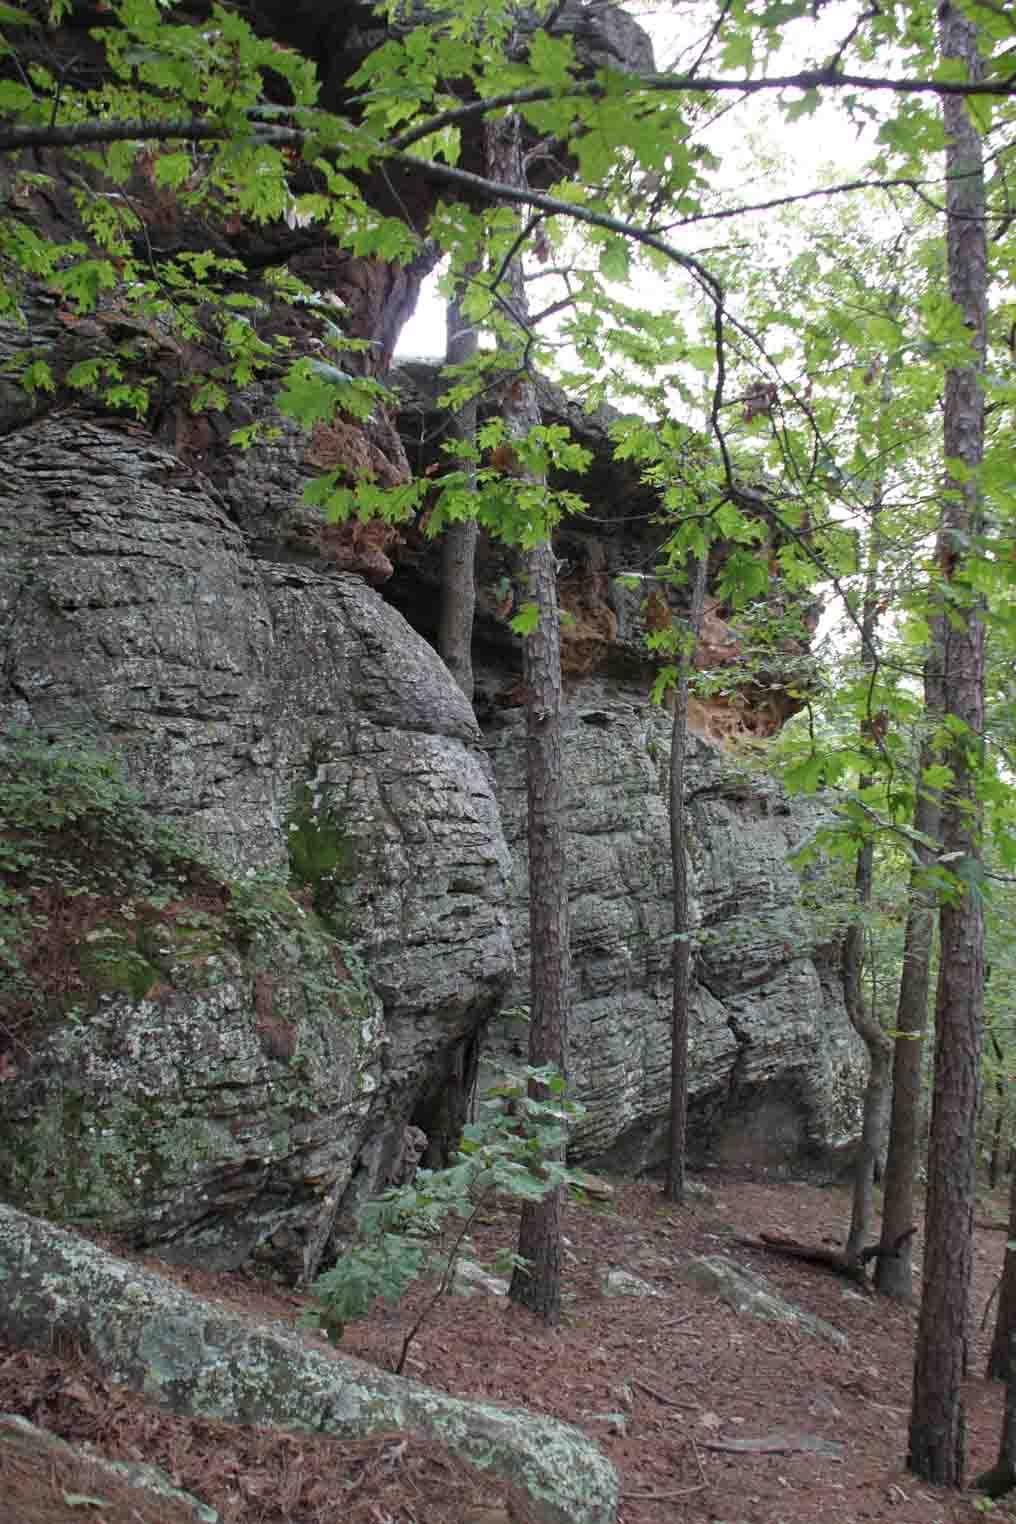 Pedestal Rock formations in Ozark National Forest